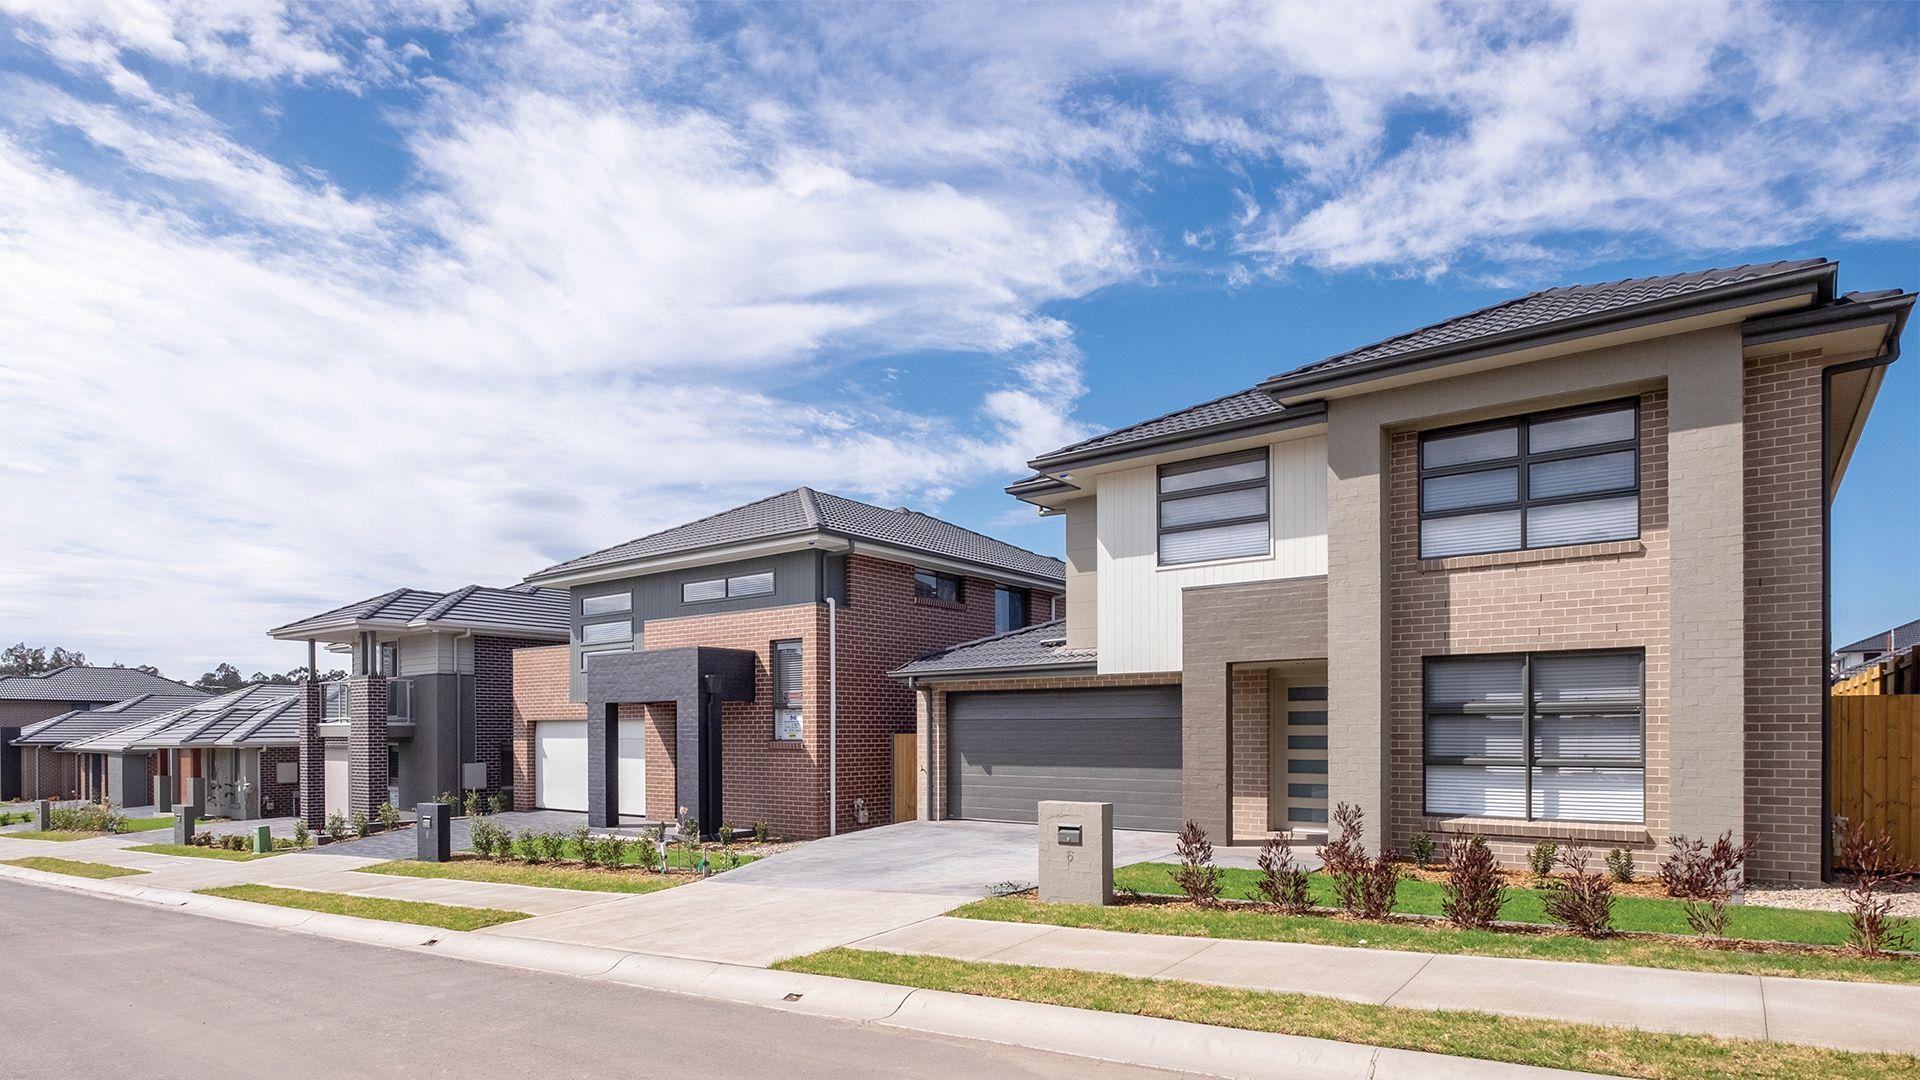 132 Boundary Road, Schofields, NSW 2762, Image 0